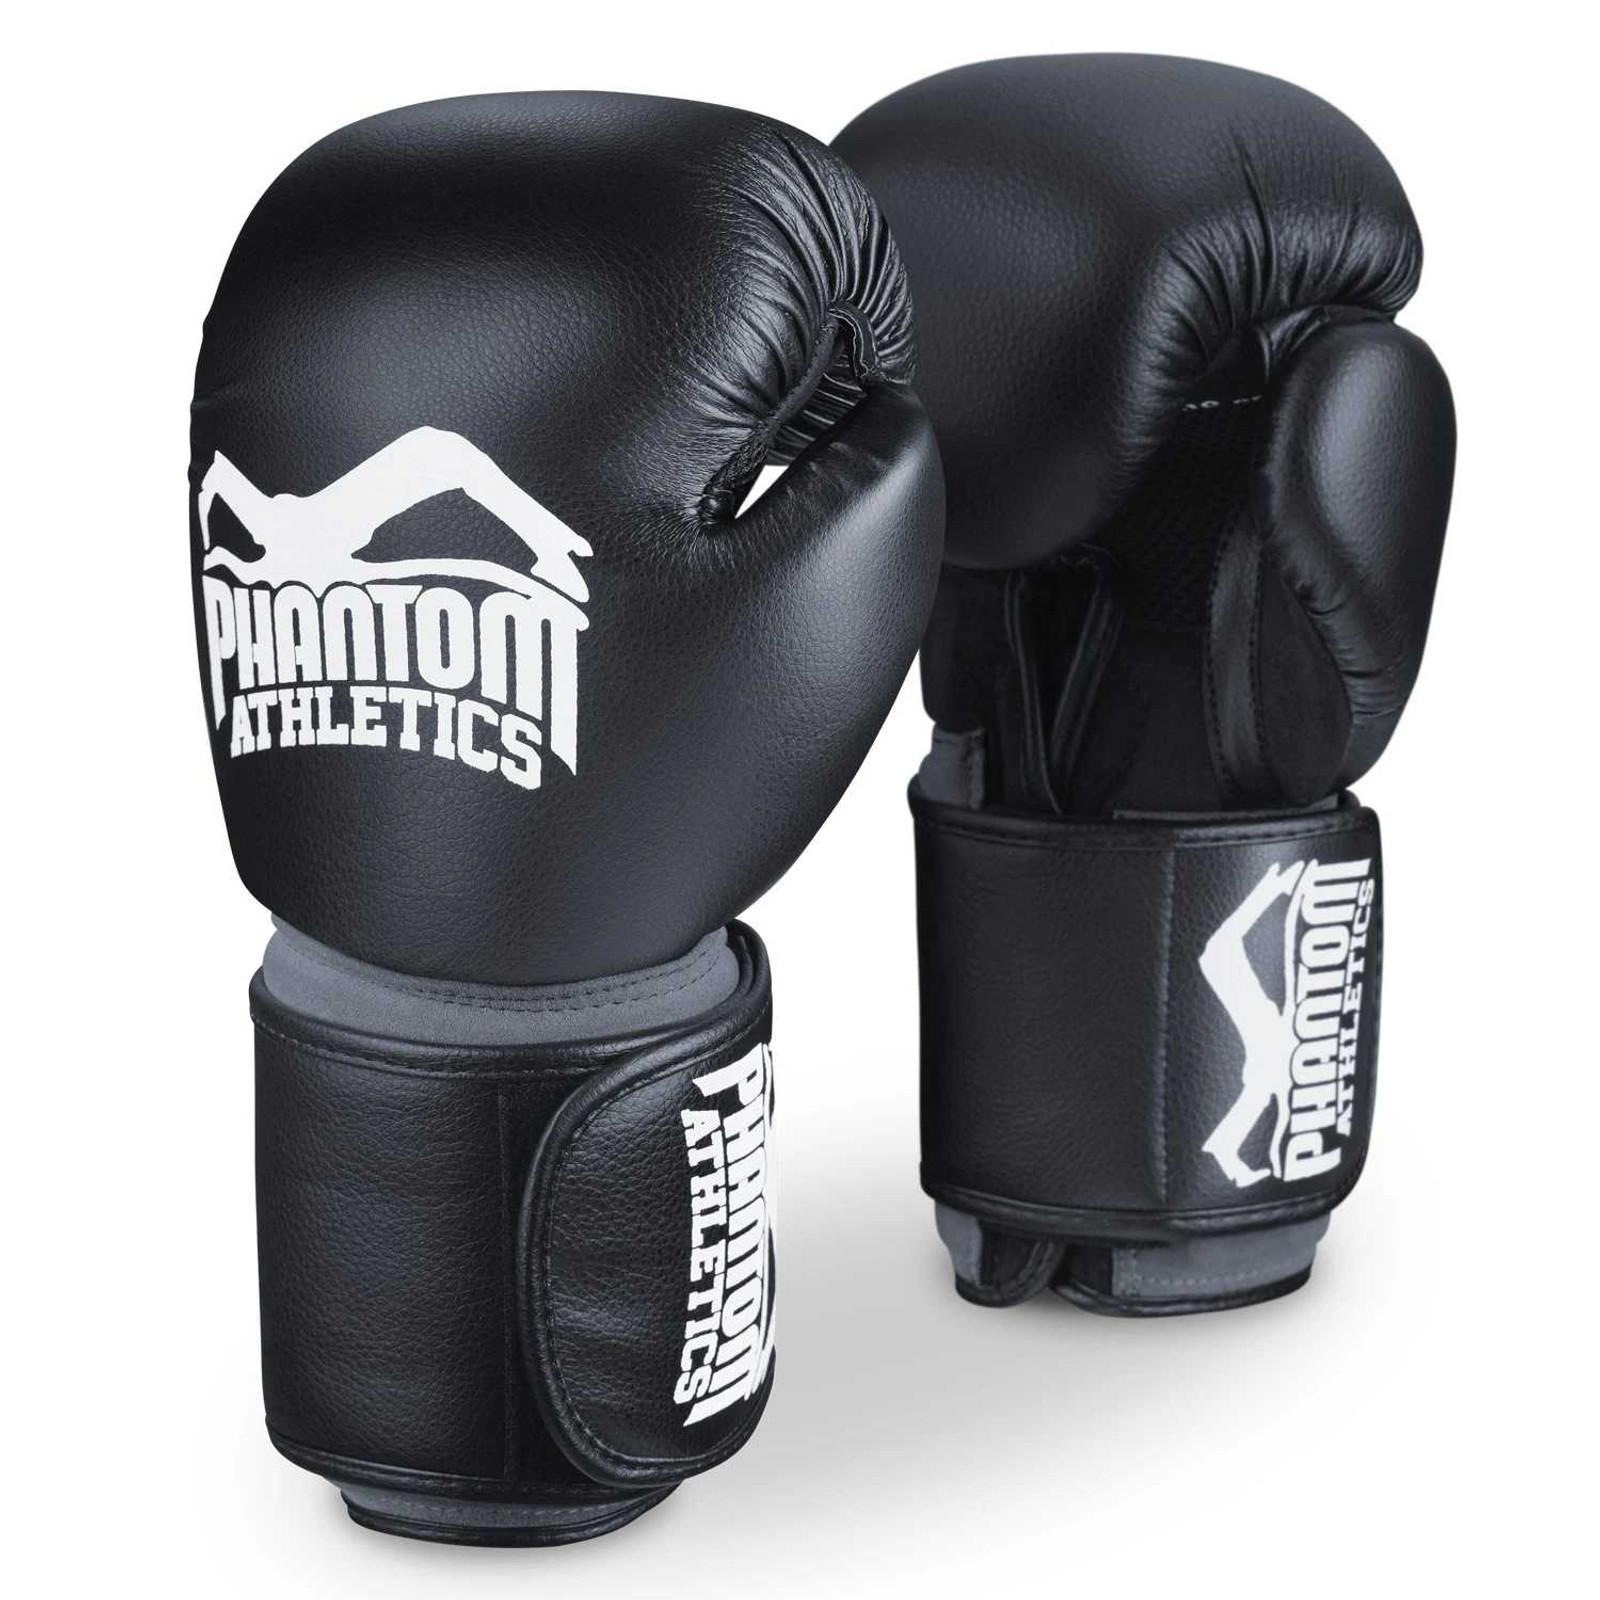 Phantom Athletics Boxhandschuhe Elite ATF